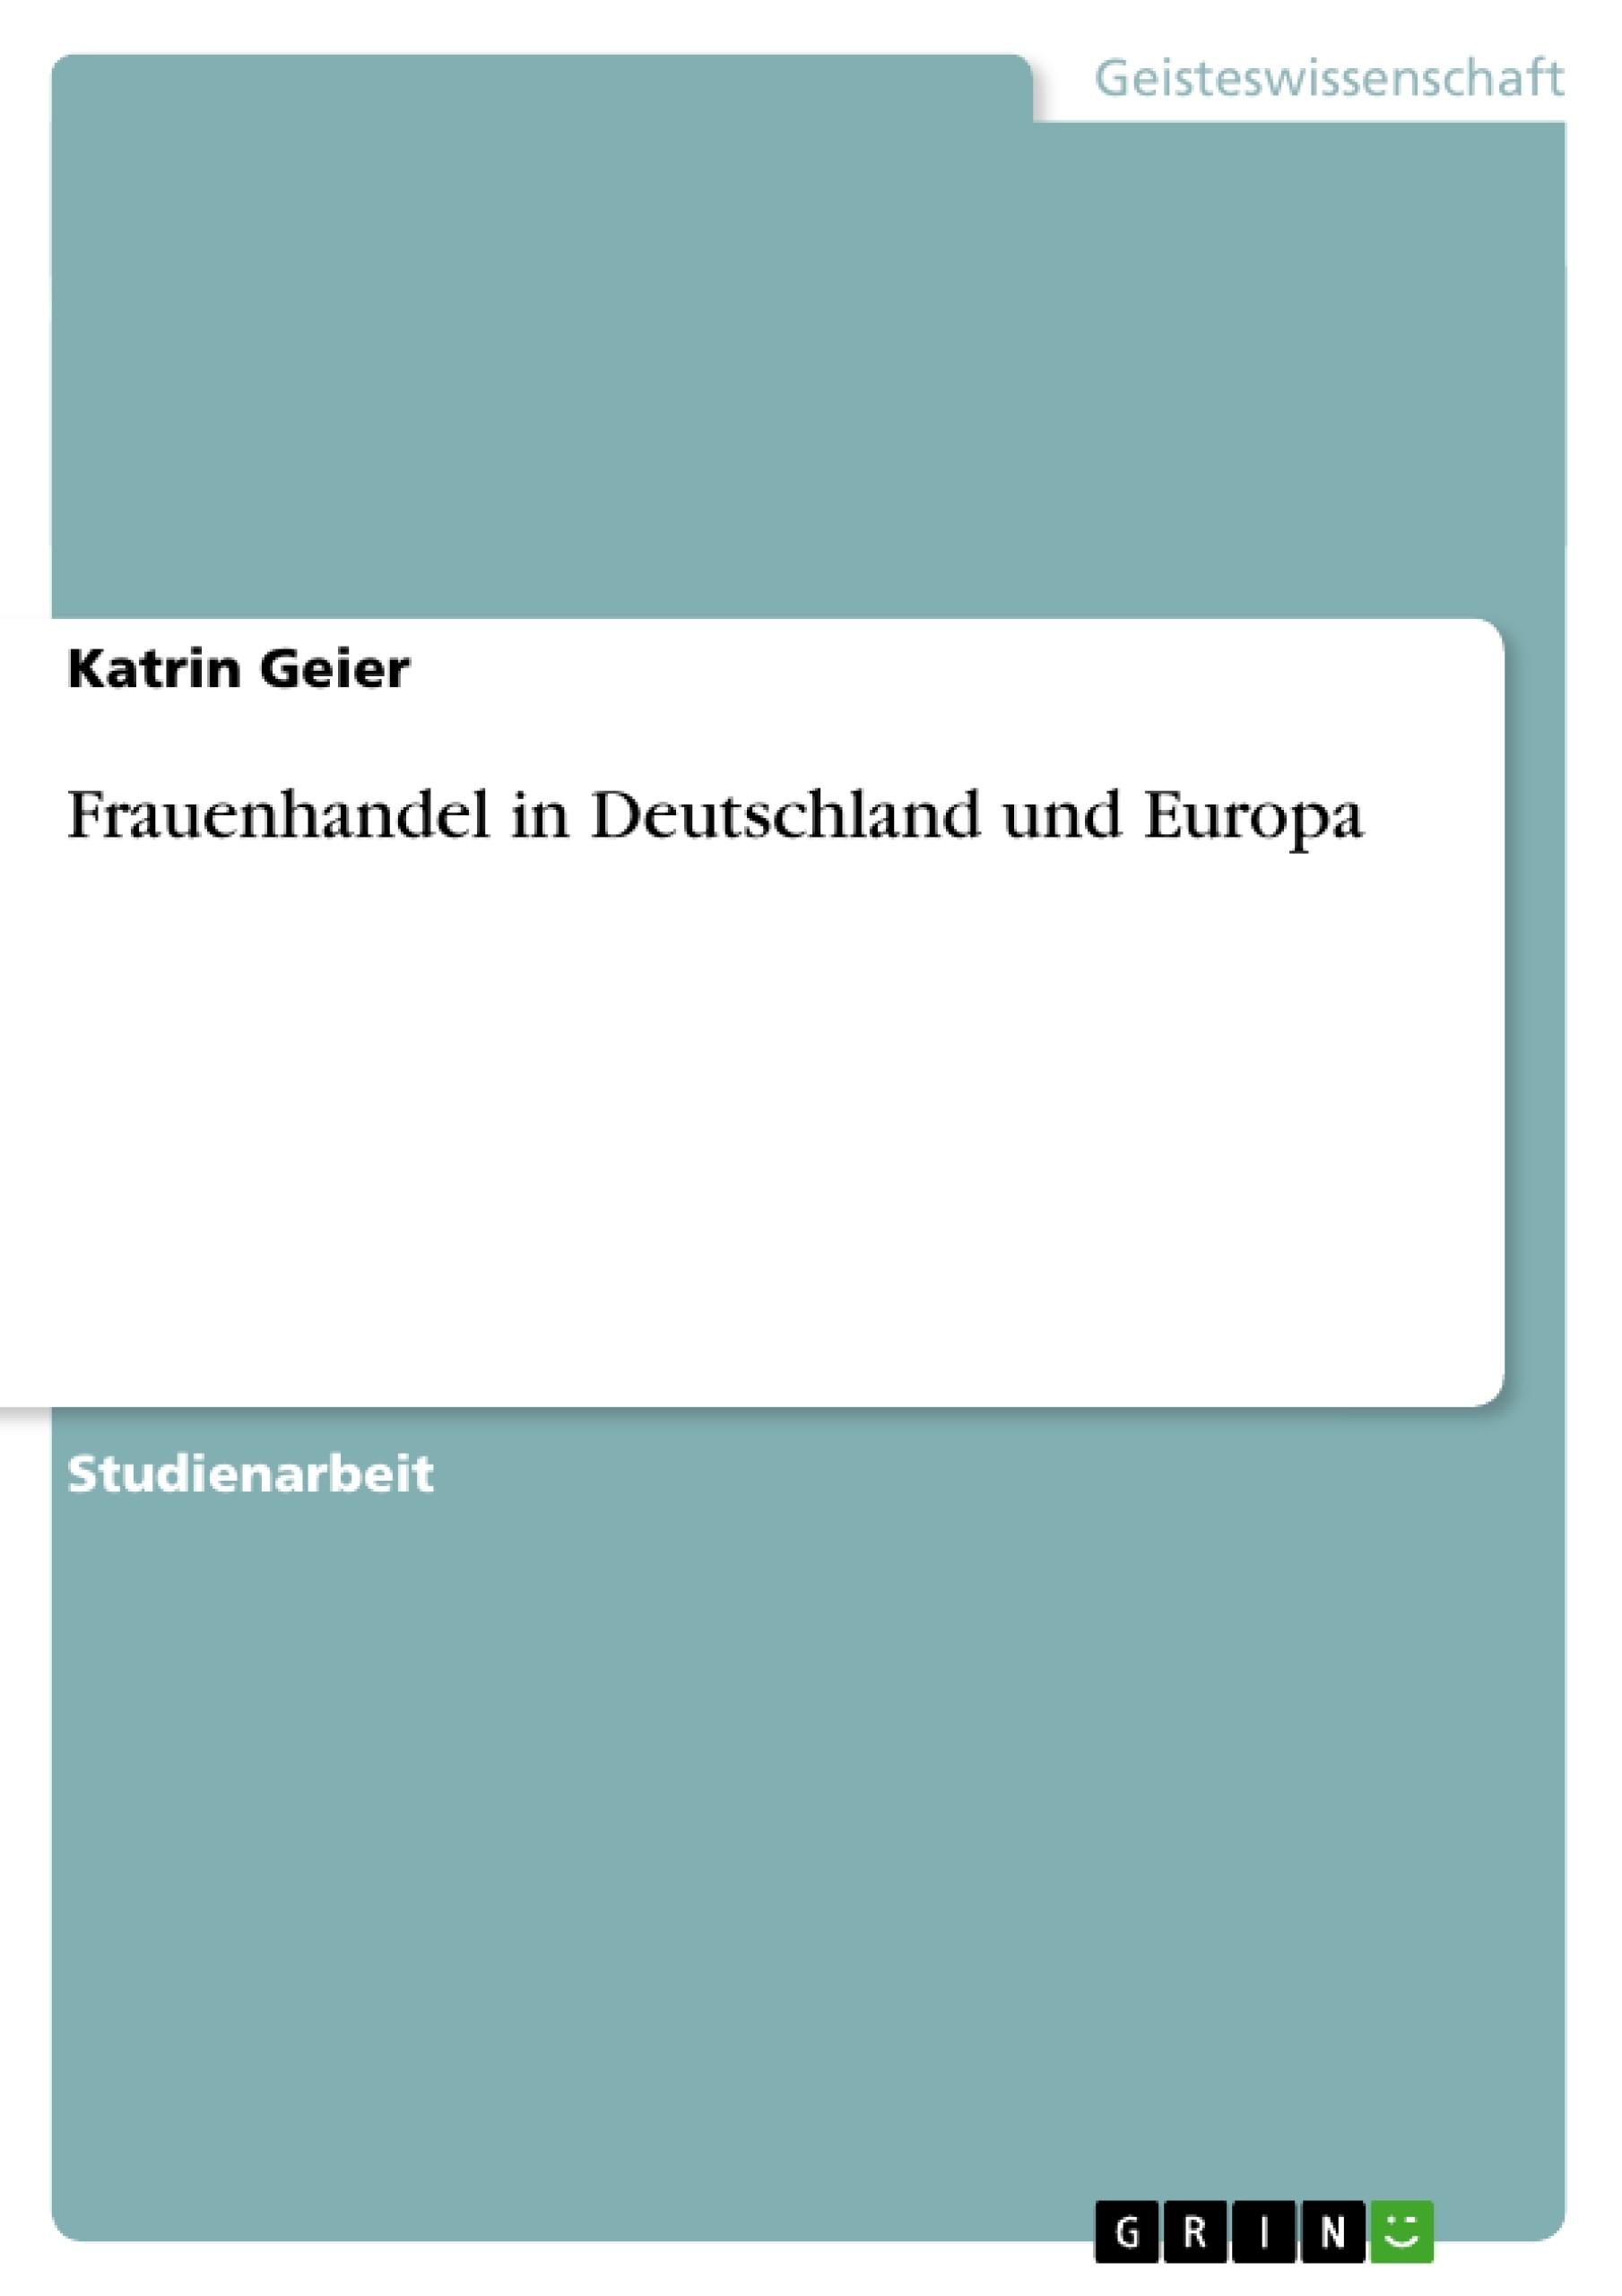 Titel: Frauenhandel in Deutschland und Europa